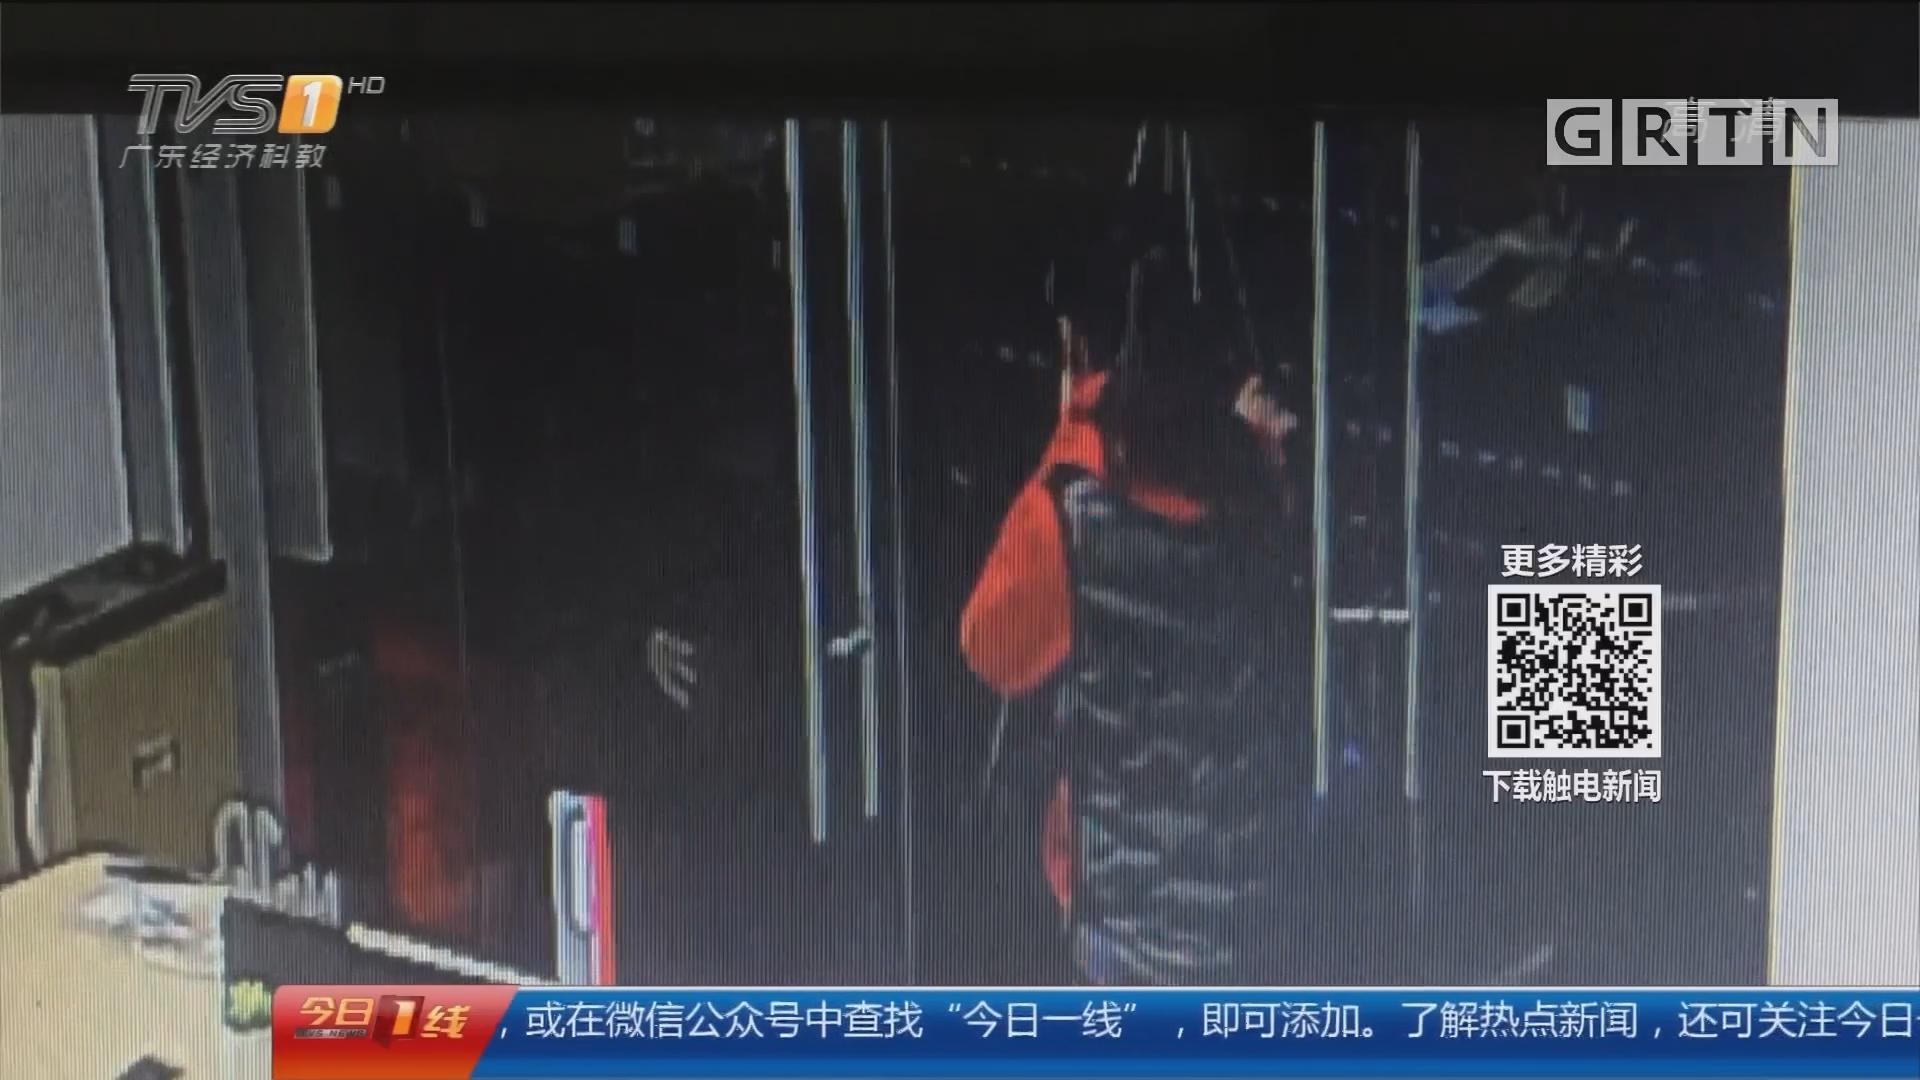 东莞:毛贼喷辣椒水抢手机 民警火速破案